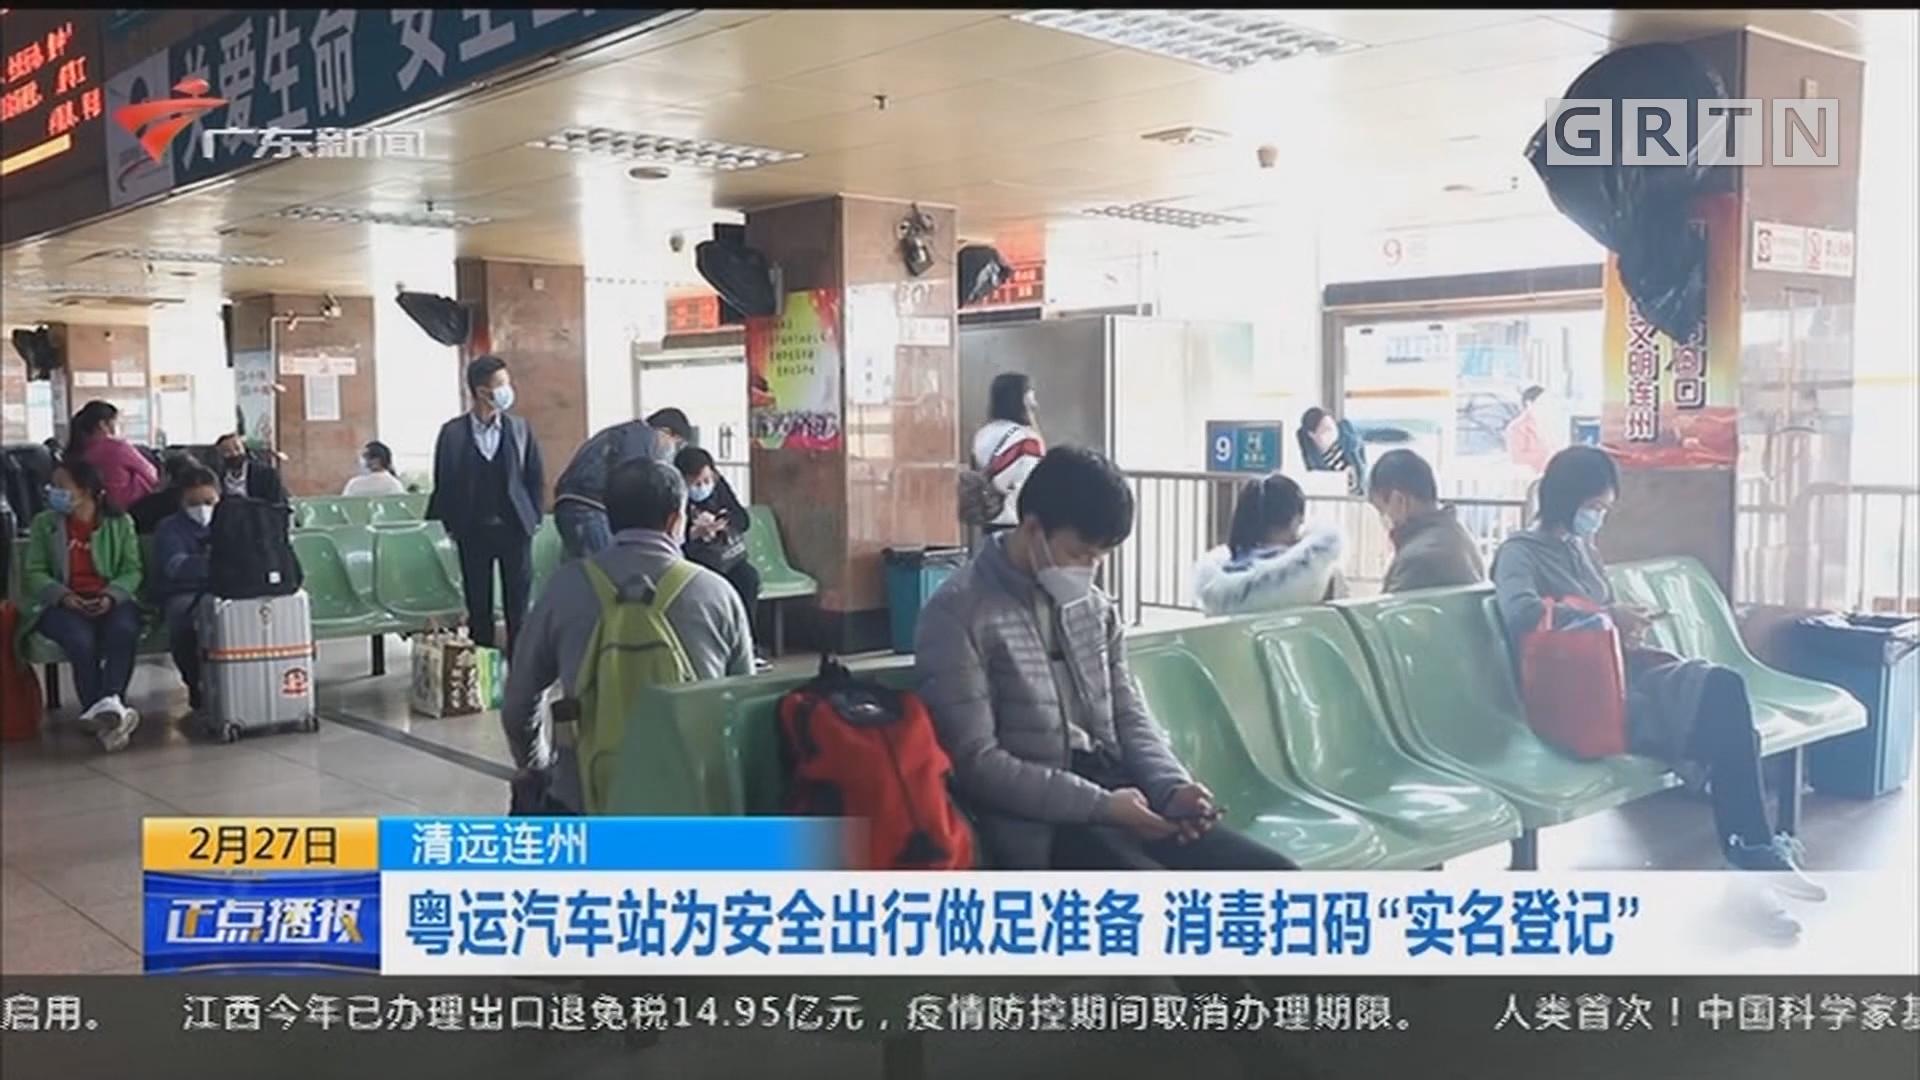 """清远连州:粤运汽车站为安全出行做足准备 消毒扫码""""实名登记"""""""